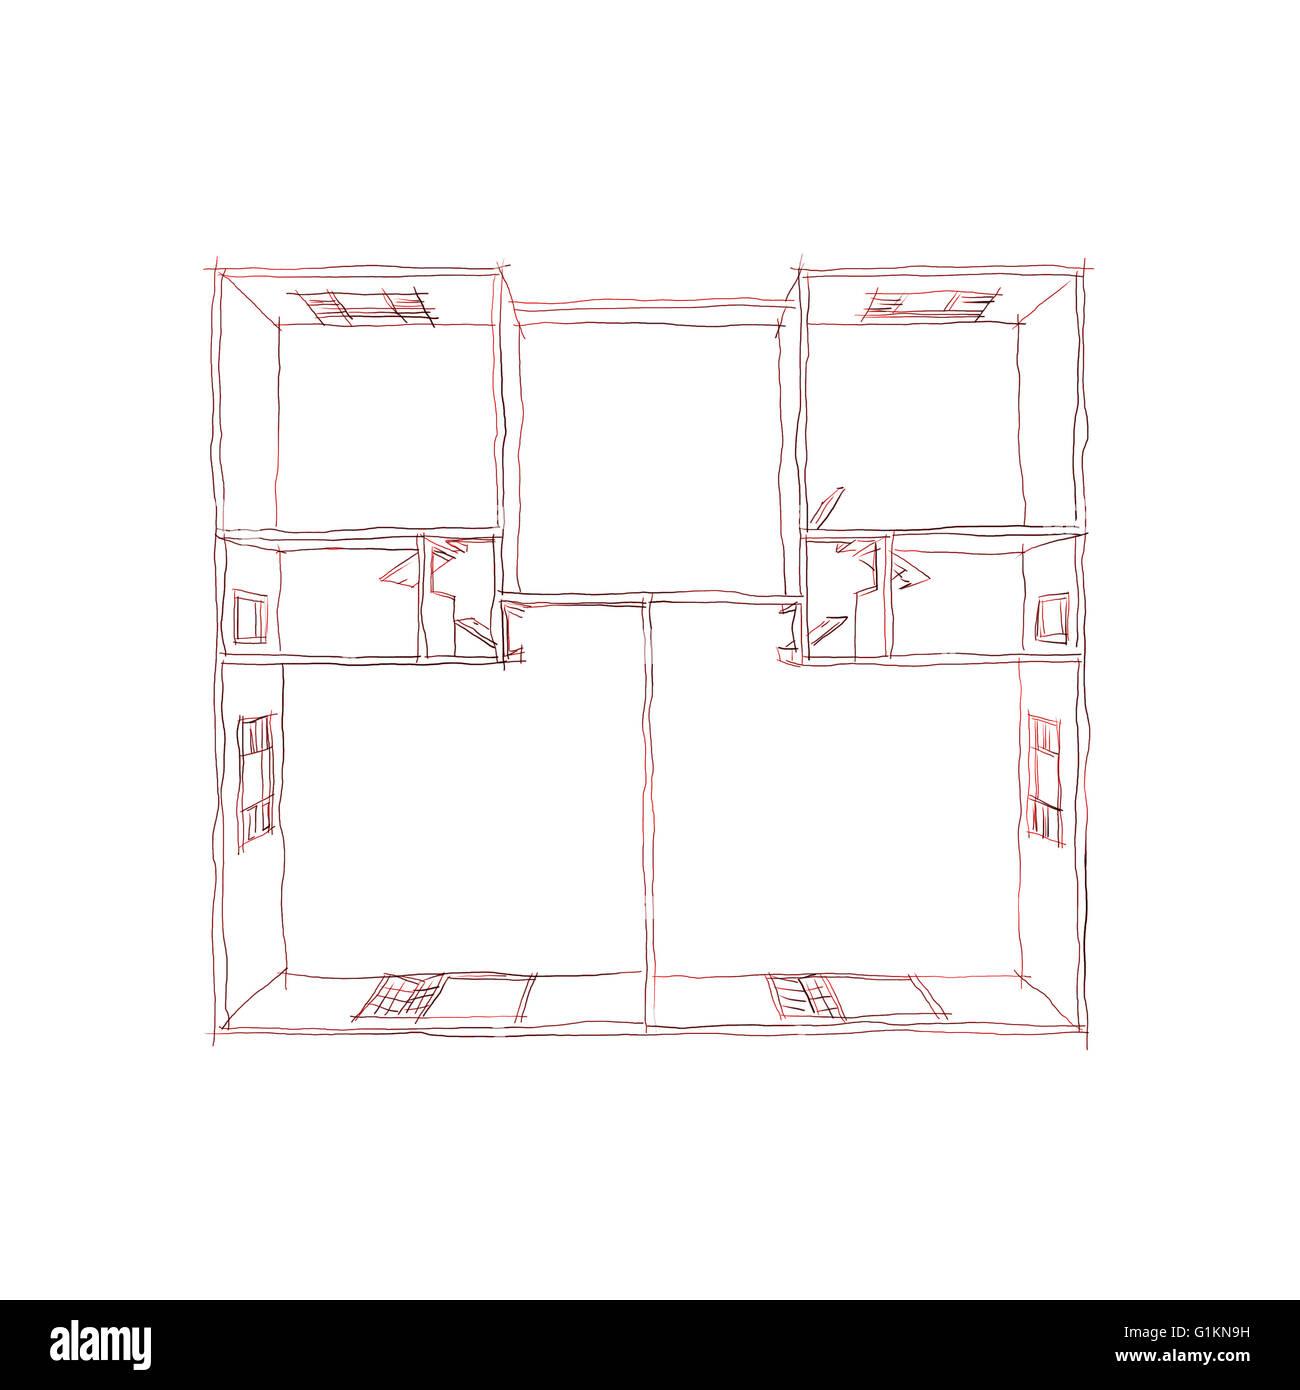 Freihand Stift Zeichnen Zeichnung Illustration 3d Draufsicht Auf Leere Haus  Wohnung